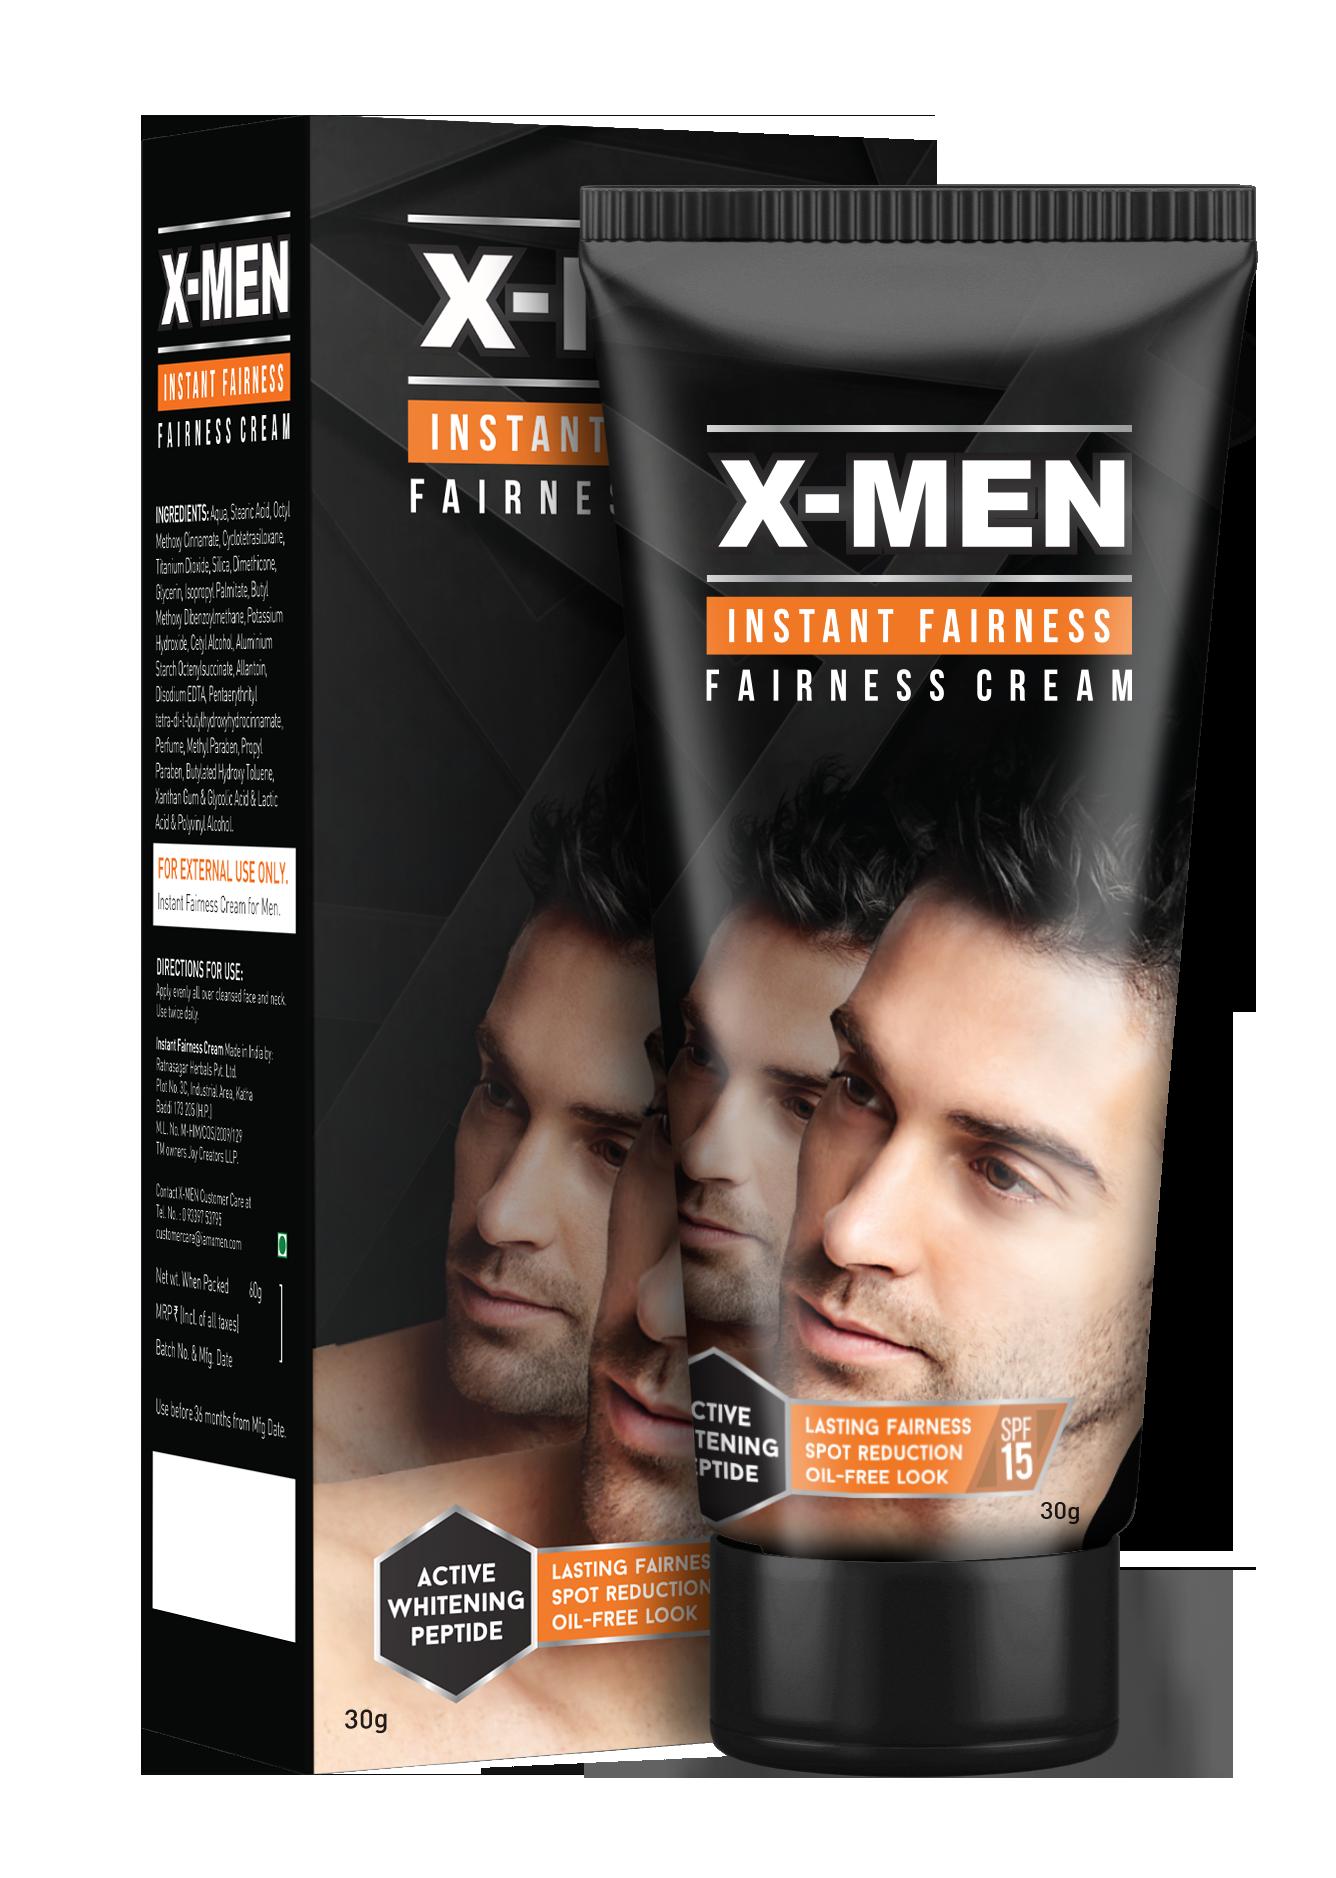 X-MEN Instant Fairness Cream Image